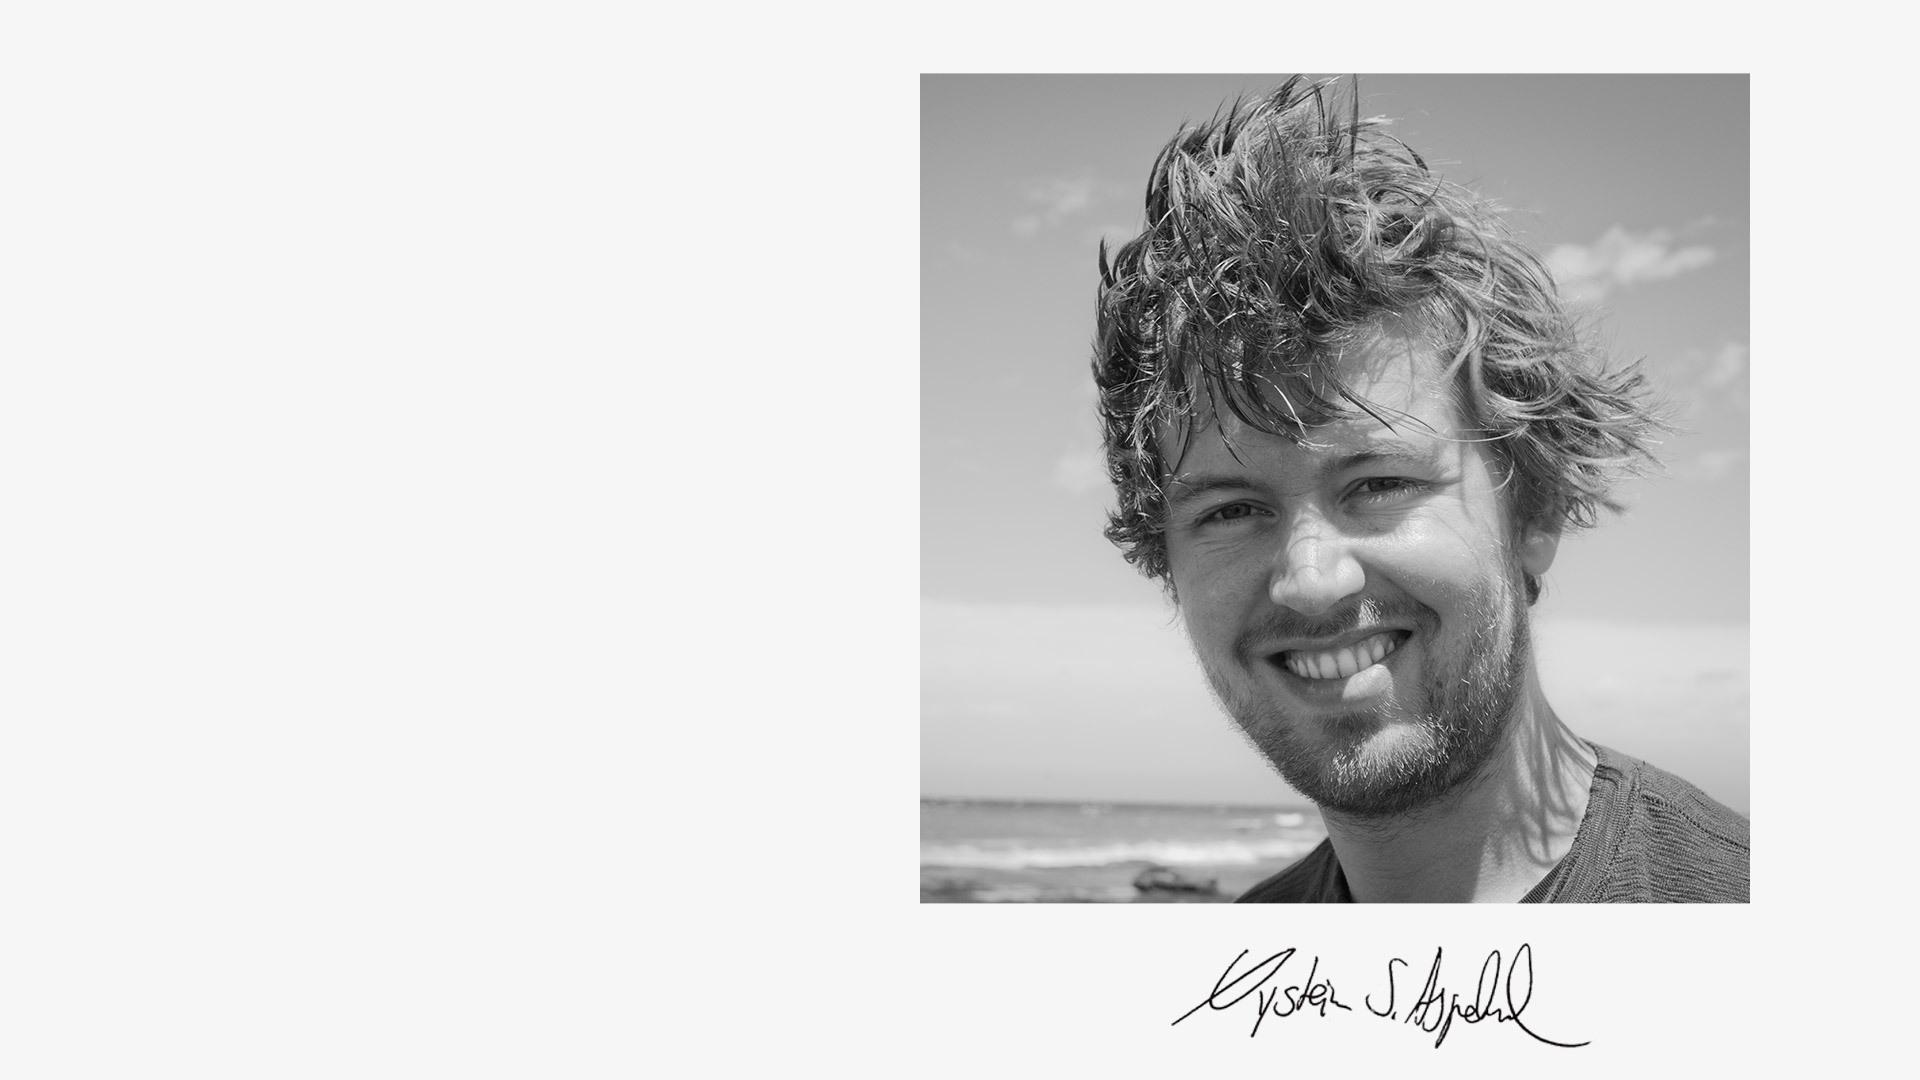 ?ystein Sture Aspelund<br/>IPA國際攝影大獎入圍藝術家